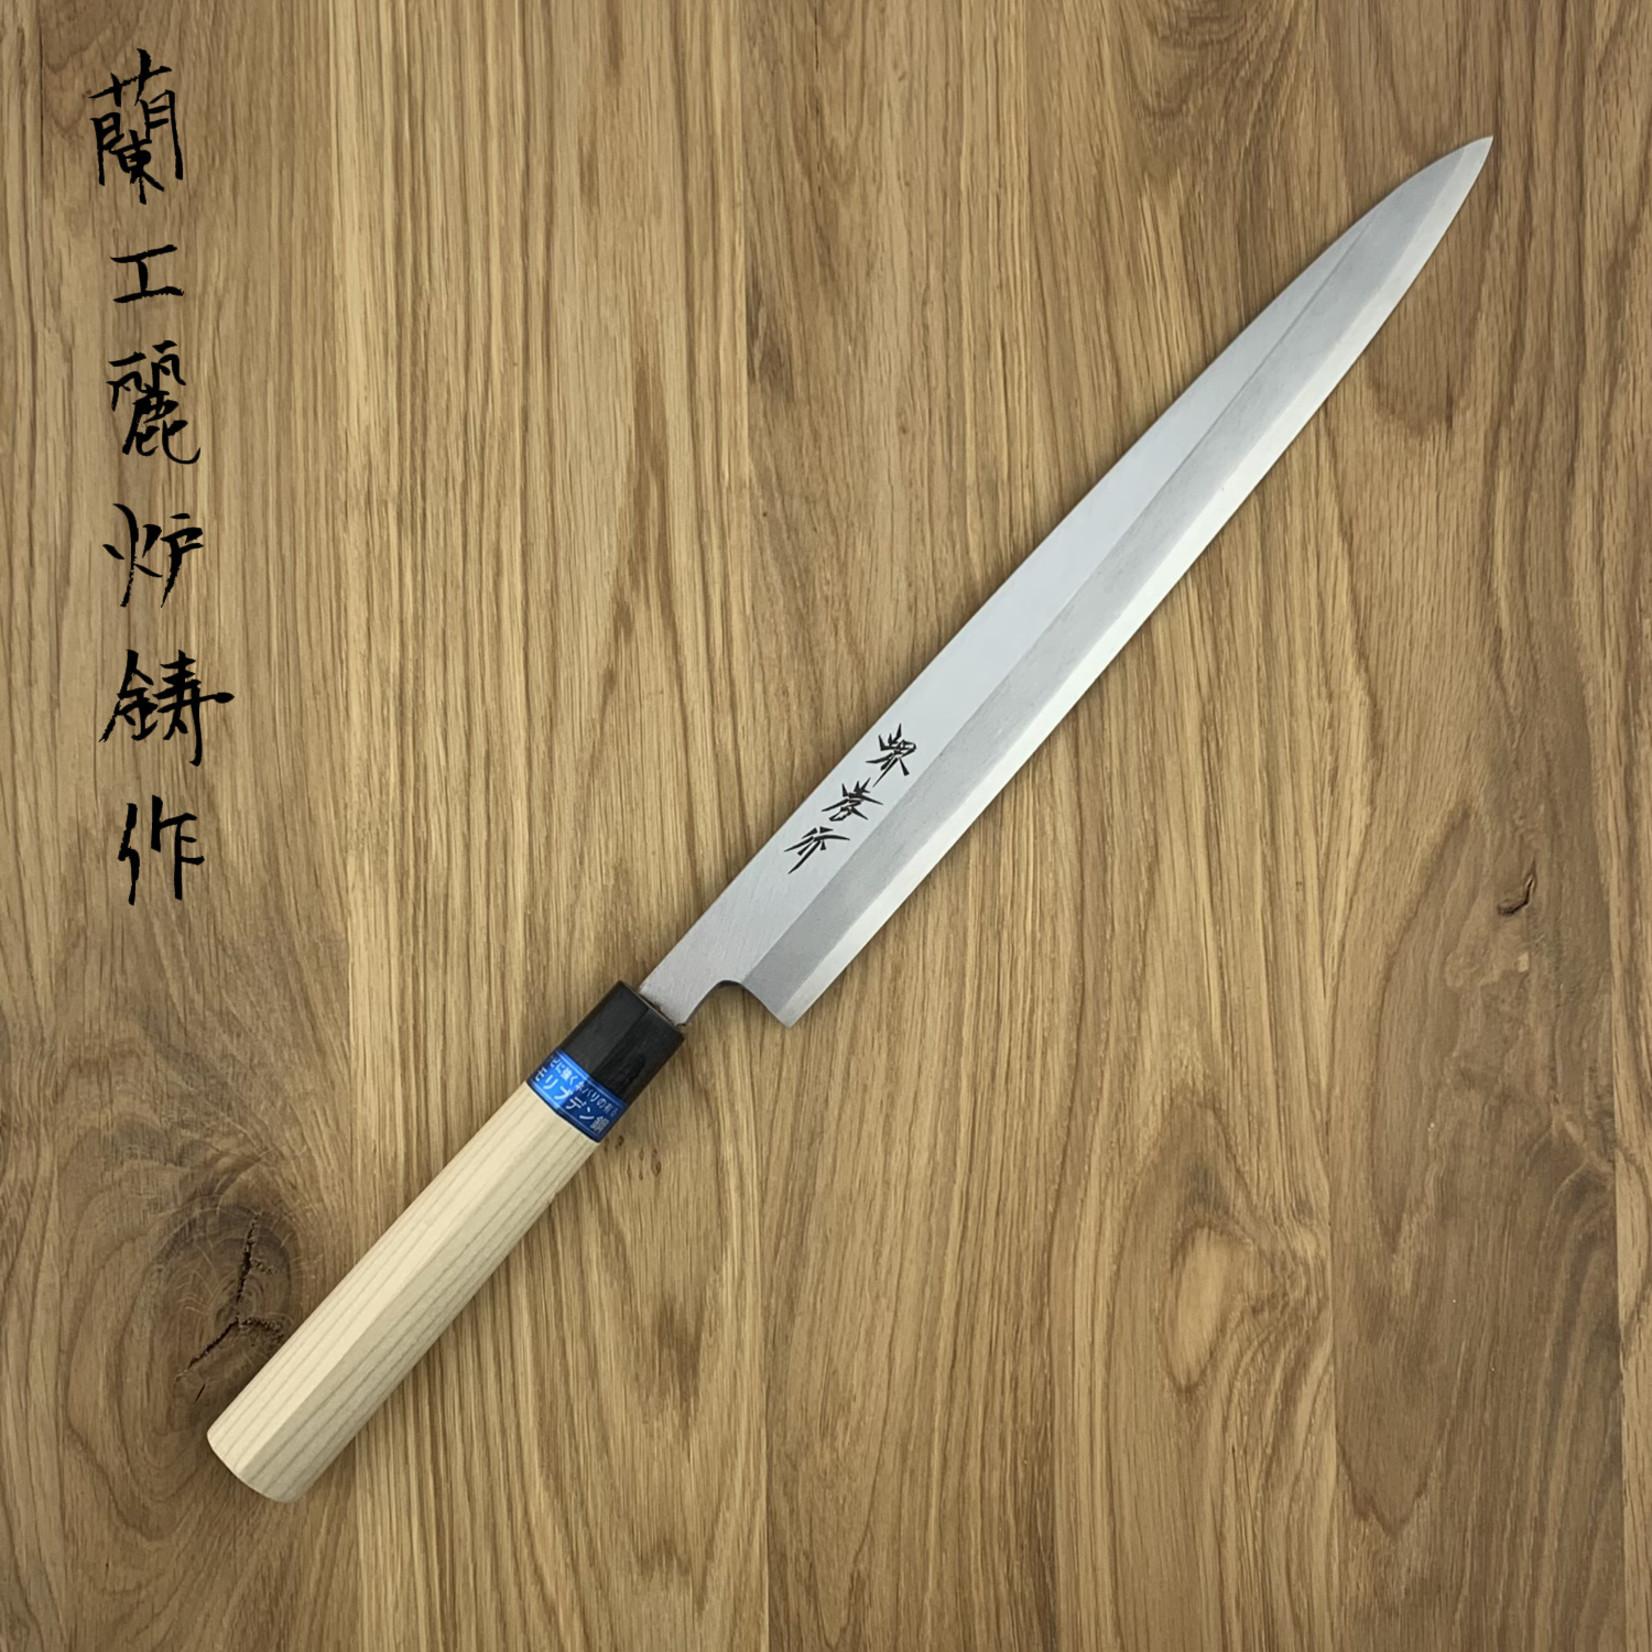 SAKAI TAKAYUKI Inox Japanese Stainless Magnolia Heft Yanagiba 300 mm 04305